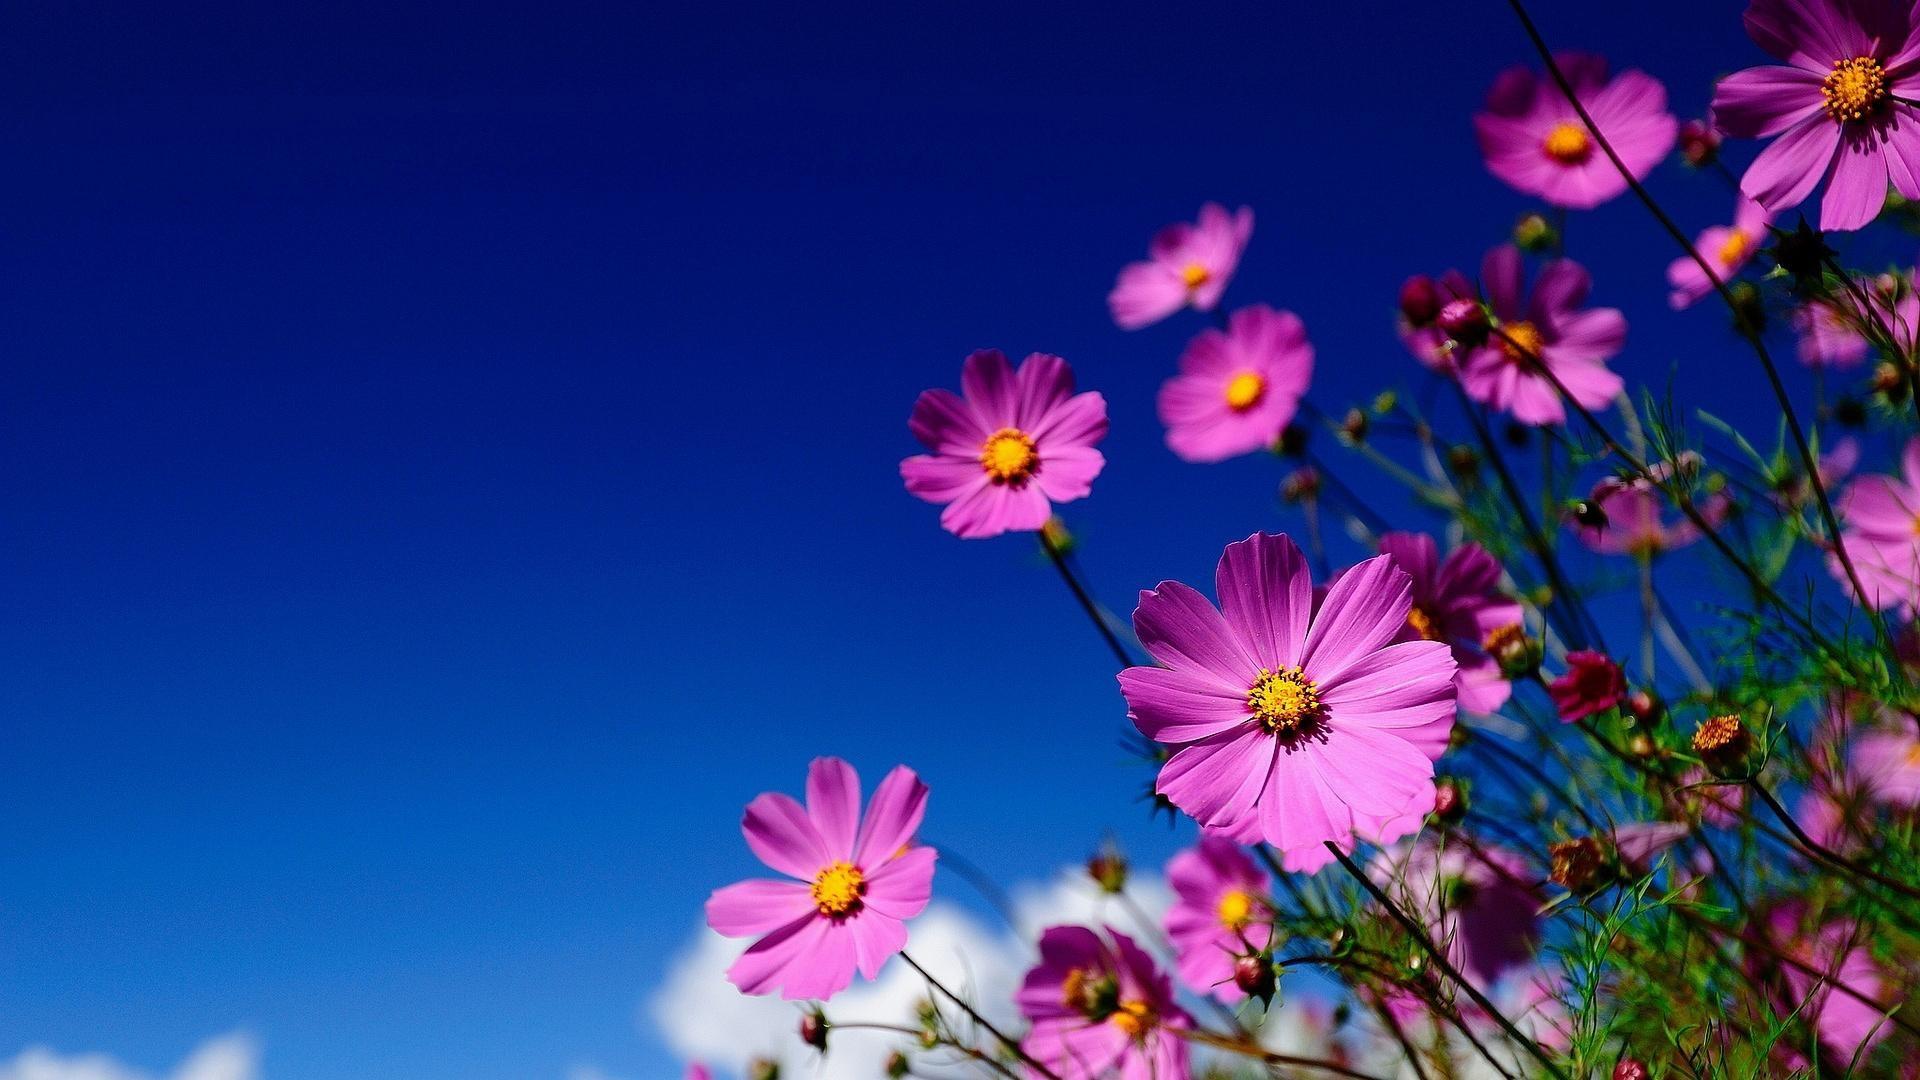 Uf Iphone Wallpaper Die 72 Besten Lila Blumen Hintergrundbilder